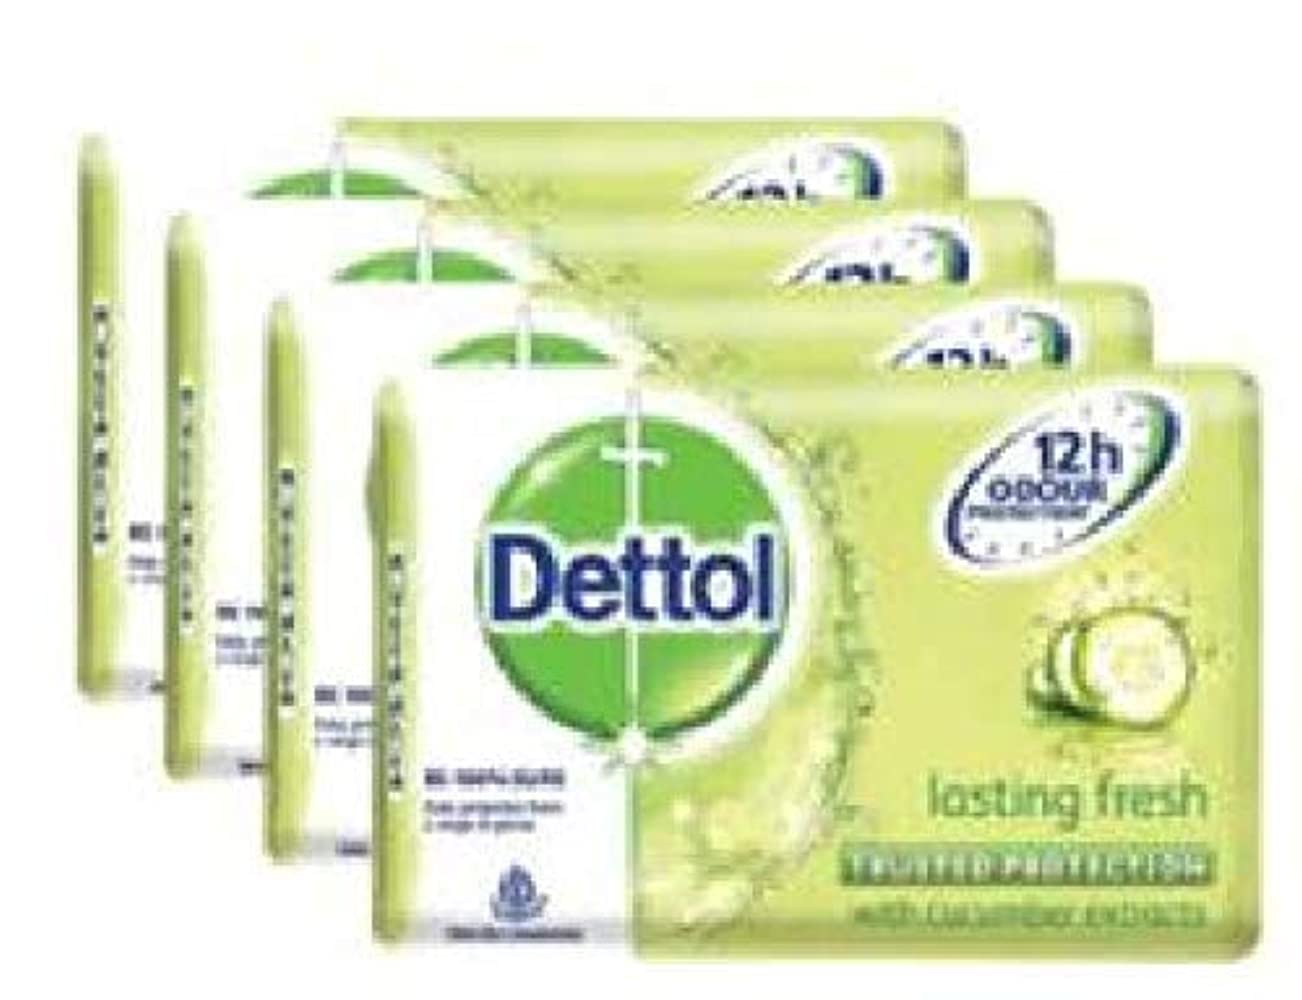 支配的ボス見物人Dettol 新鮮4x105g-を持続固形石鹸は、あなたが自由生殖続け、石鹸は肌にもとても優しいです